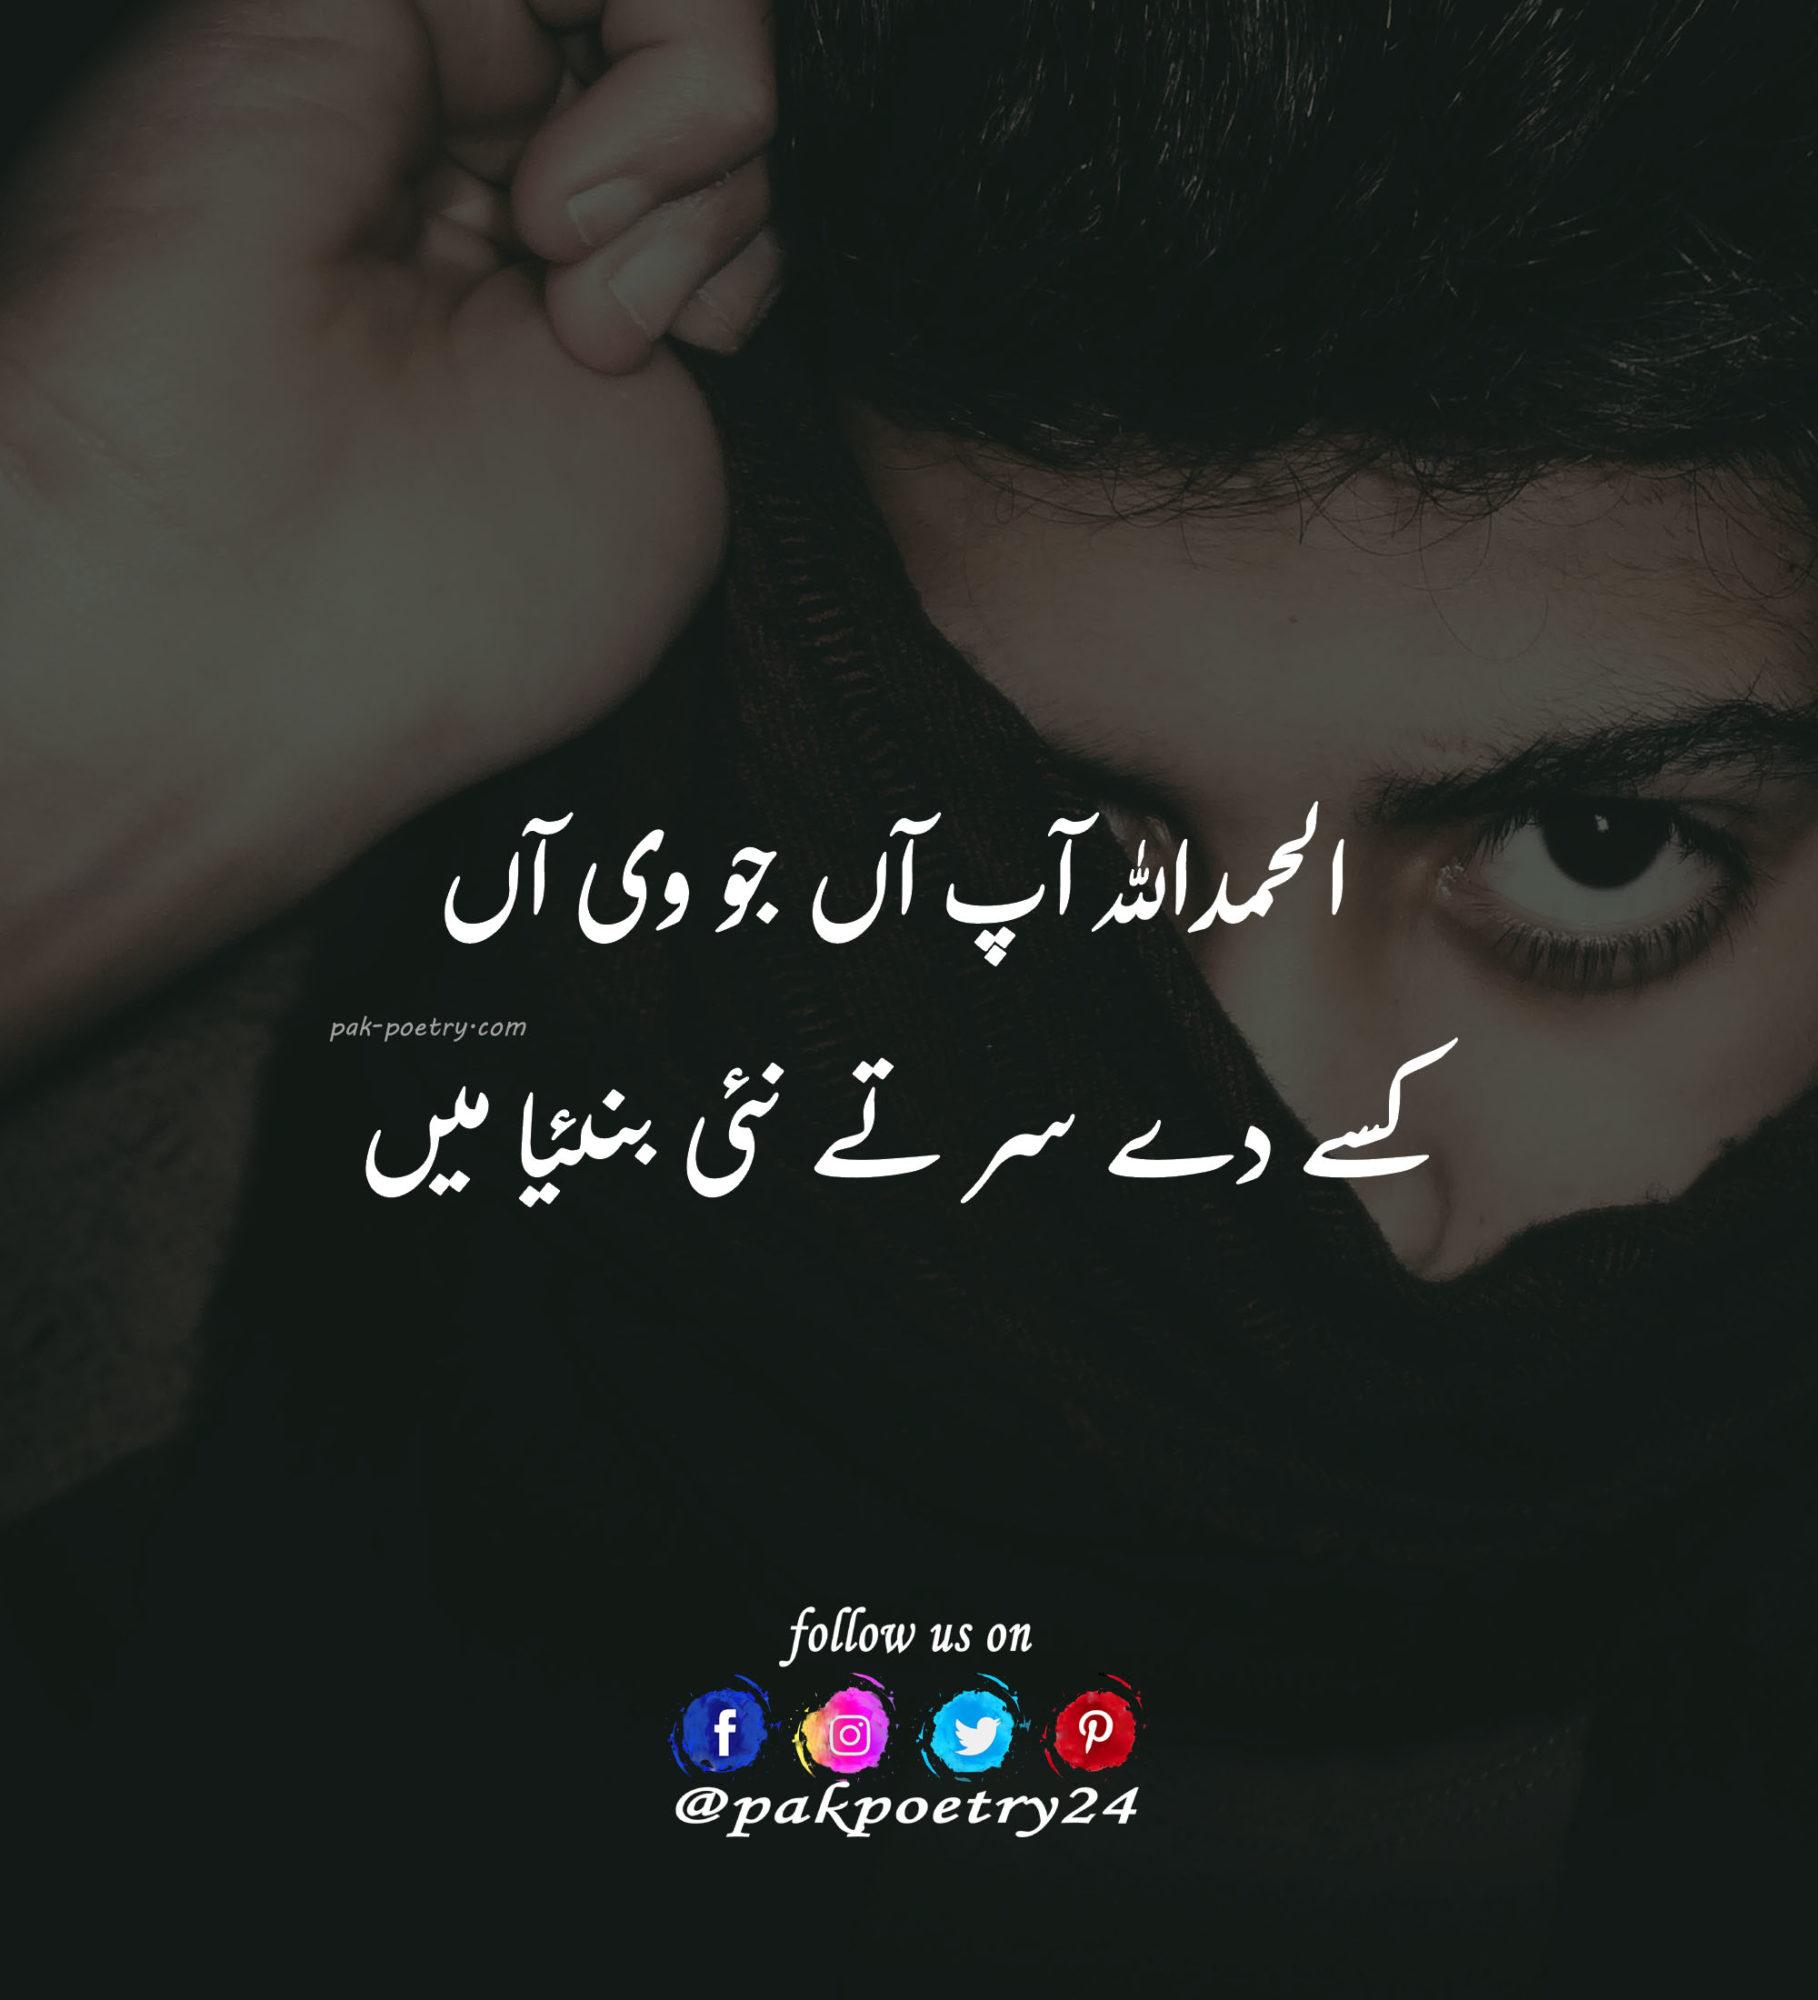 punjabi attitude poetry